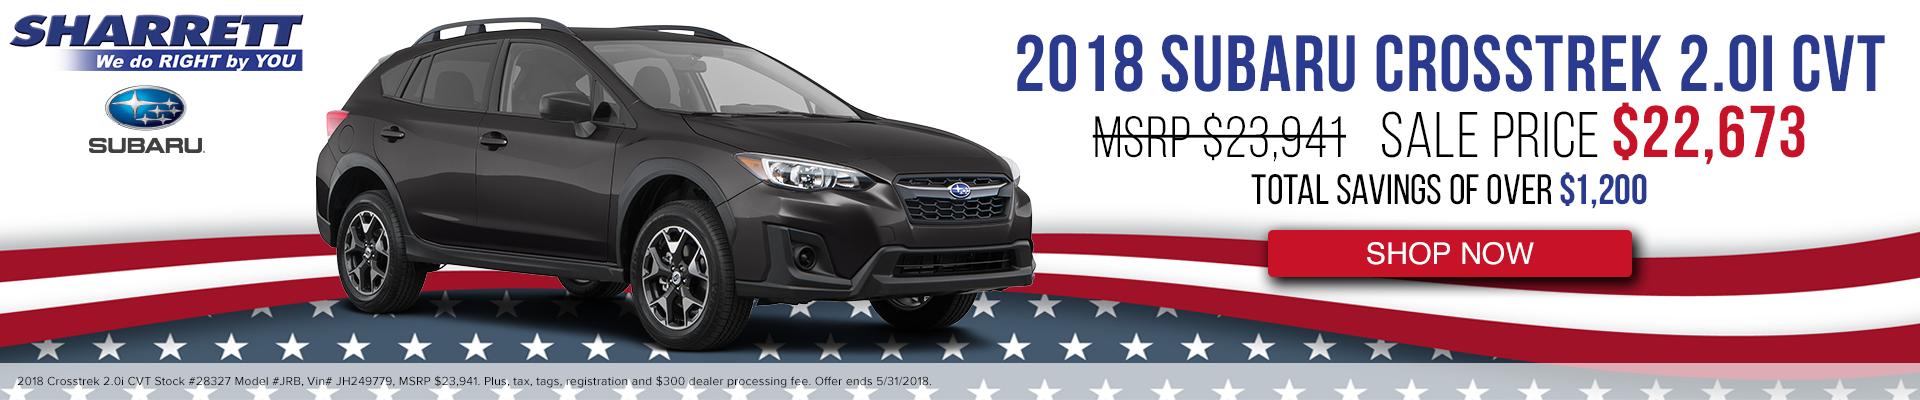 2018 Subaru Crosstrek 2.0i CVT